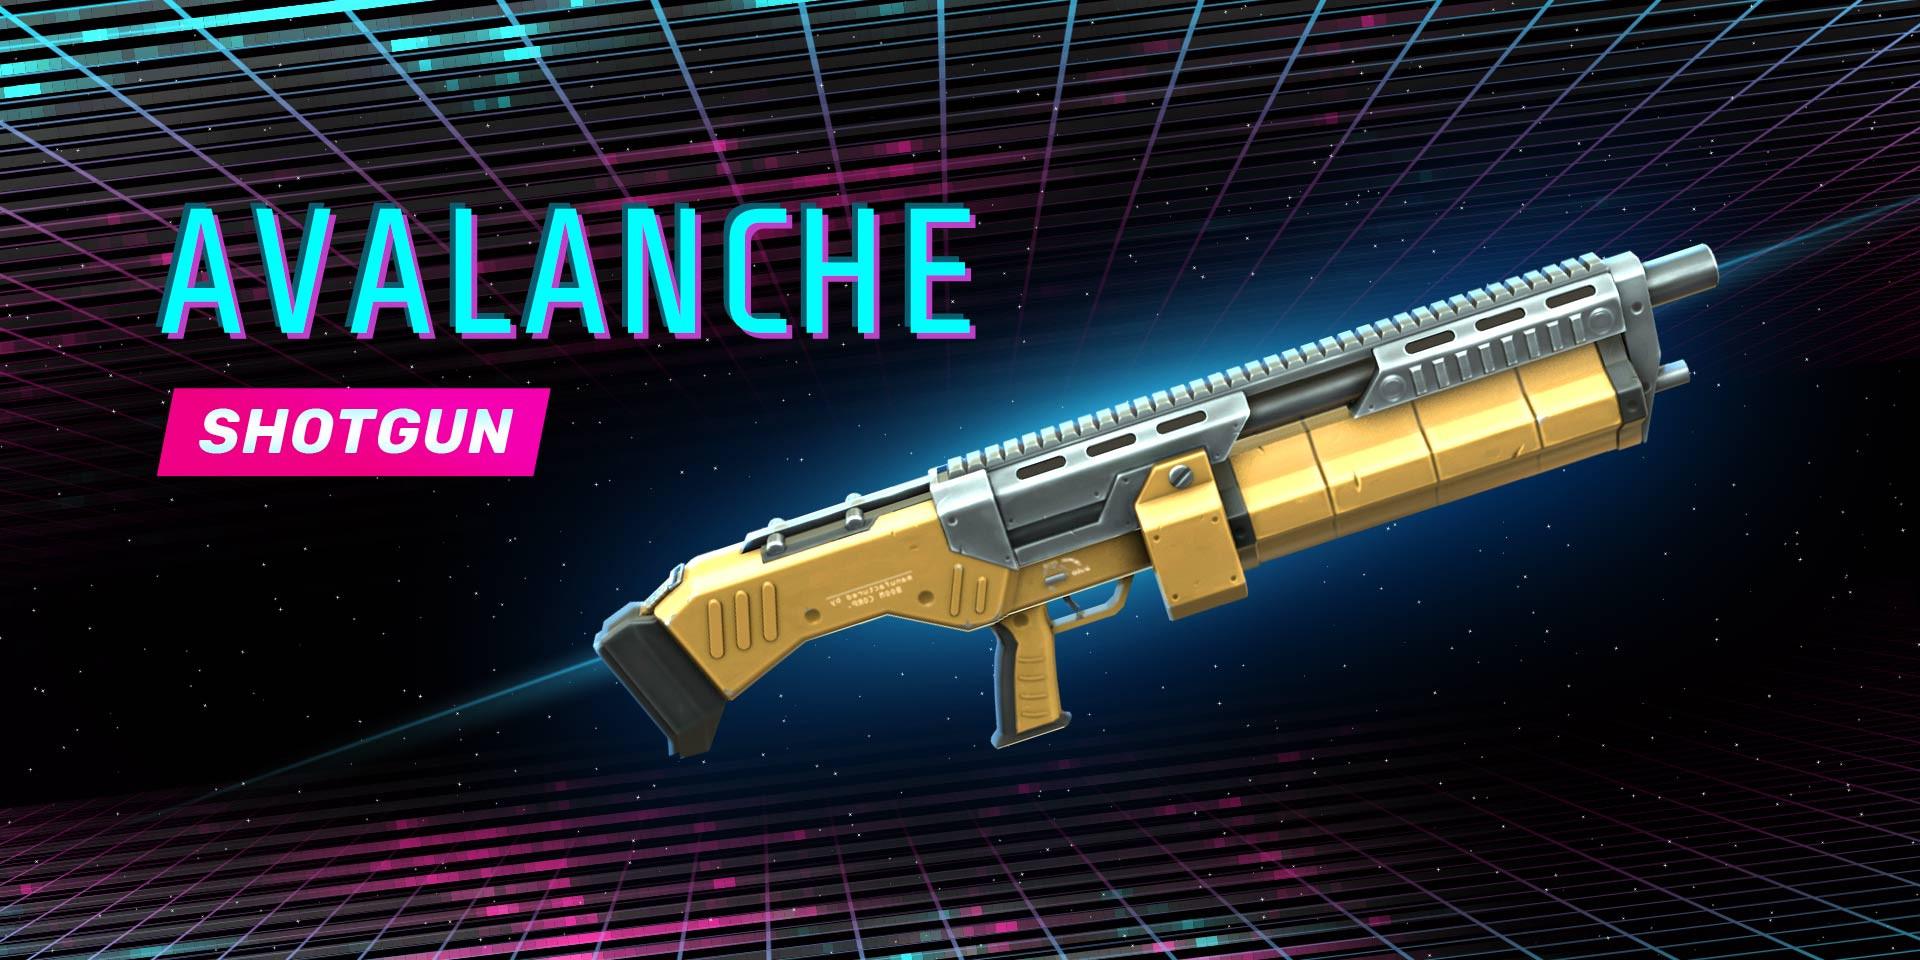 gunsopedia-avalanche-tj4ESjF42G